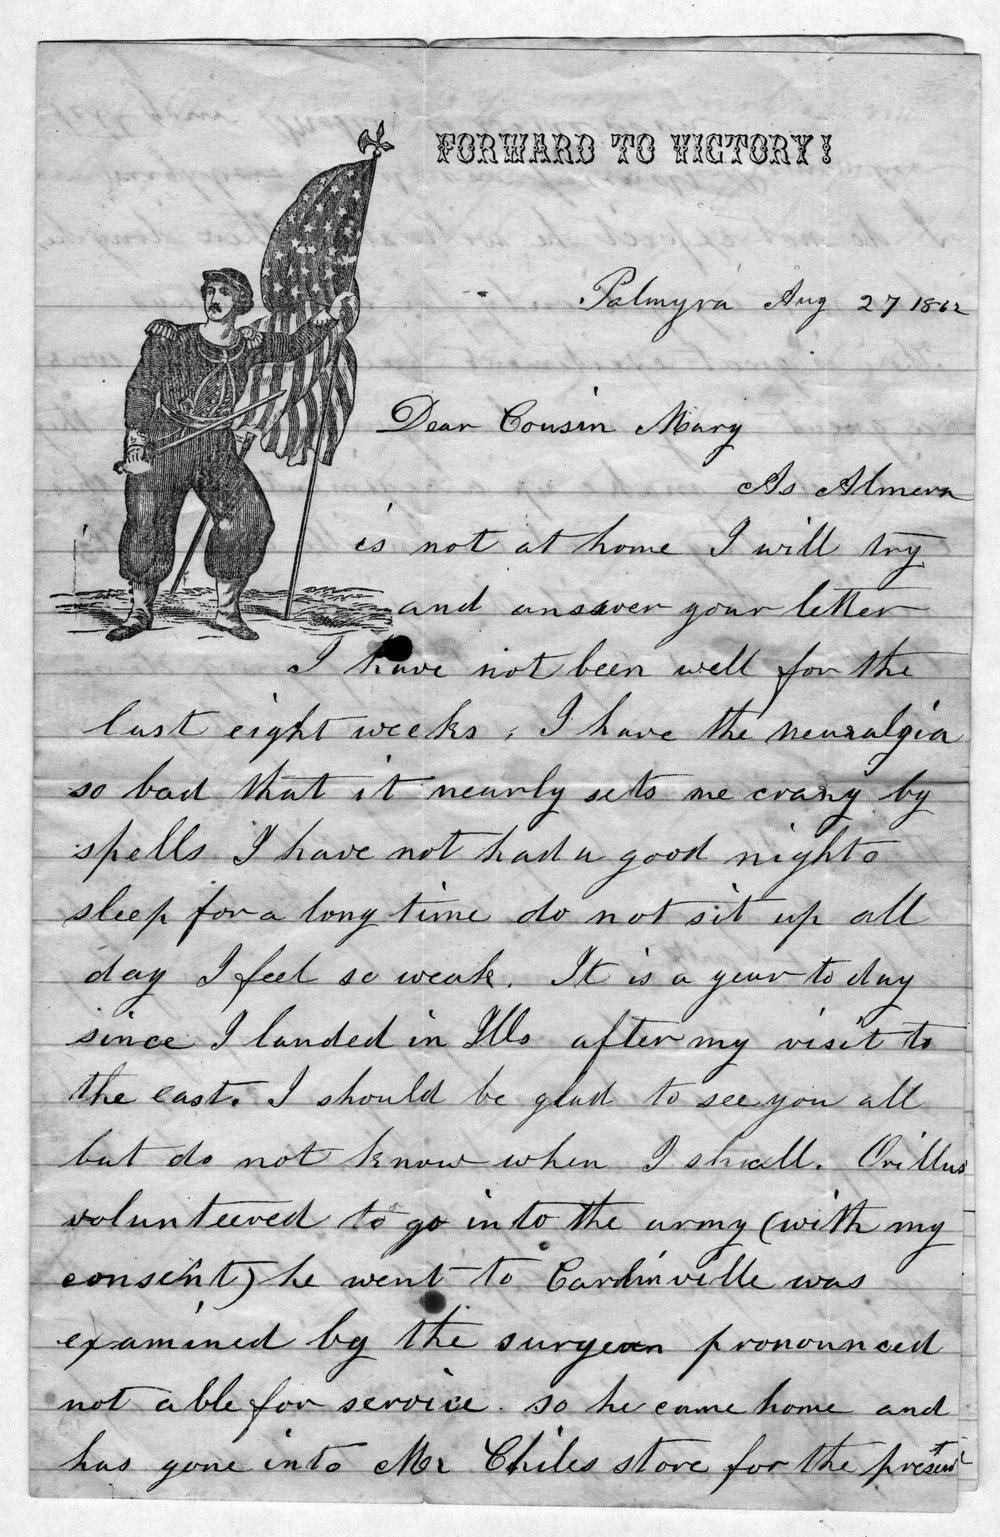 Hiram Hill family correspondence and diary - 10